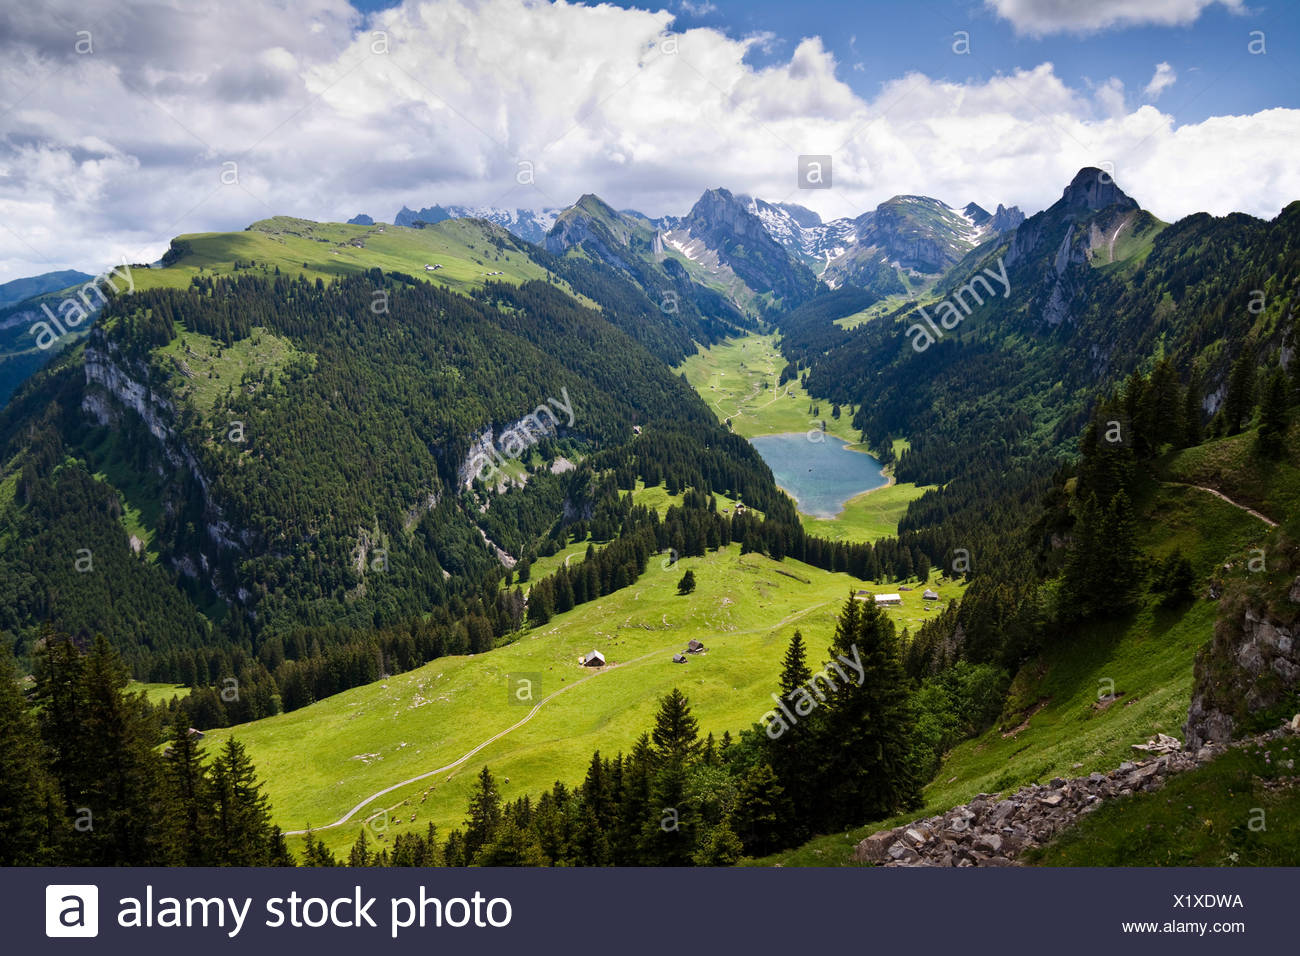 Blick auf den Saemtisersee See und die Berge Alpsteingebirge, Bruelisau, Kanton Appenzell Innerrhoden, Schweiz, Europa Stockbild